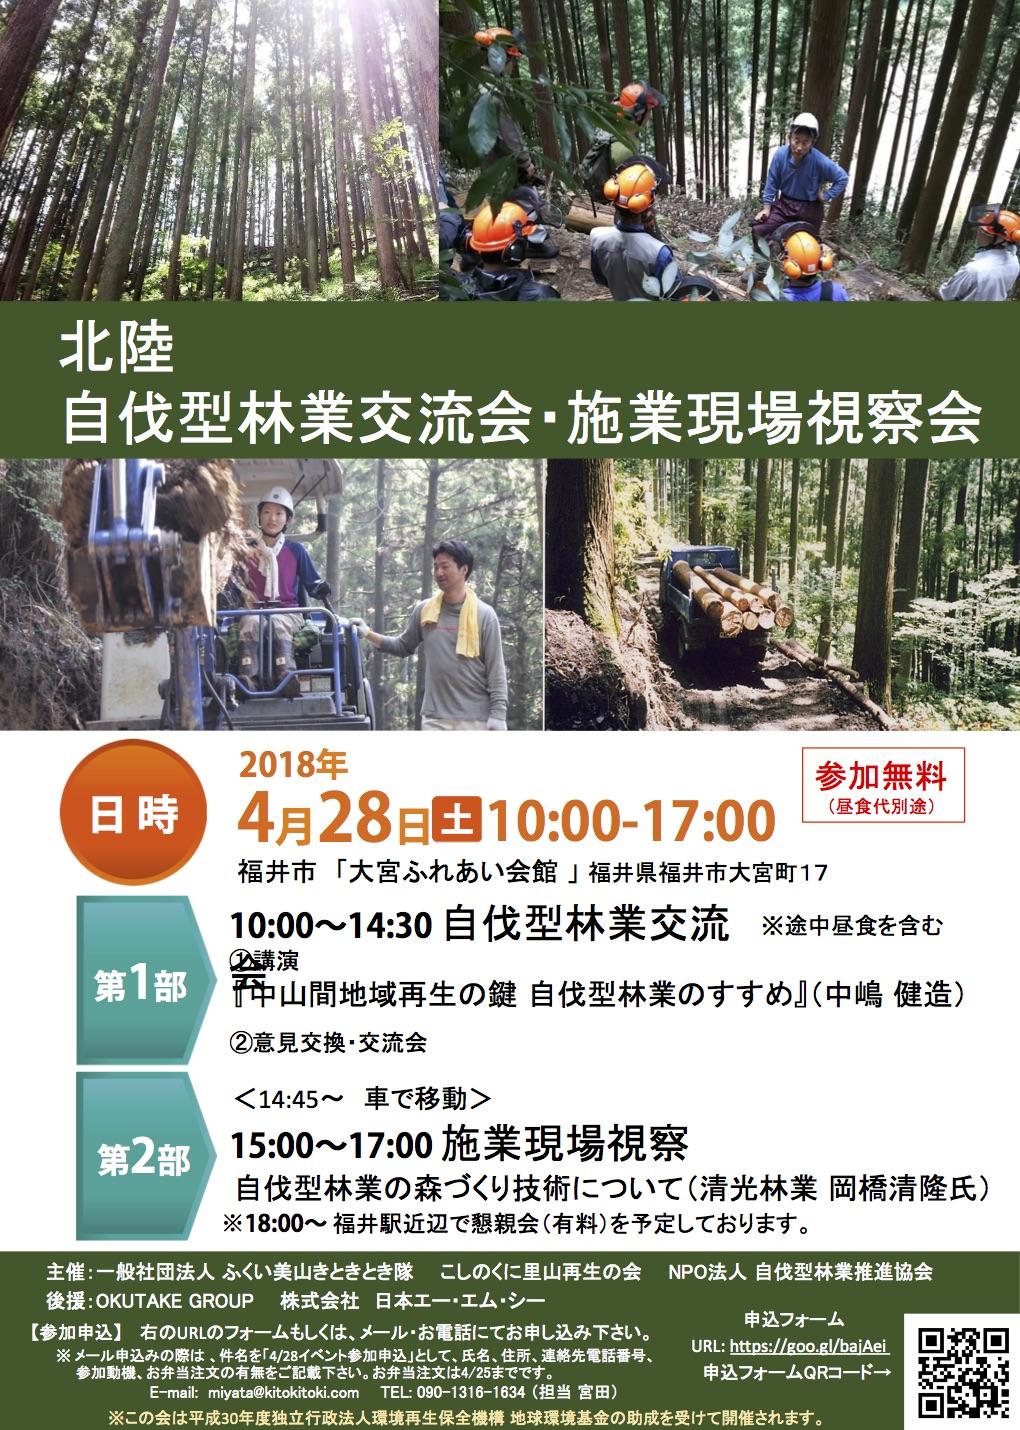 福井にて4月28日「北陸 自伐型林業交流会・施業現場視察会 」が開催されます。